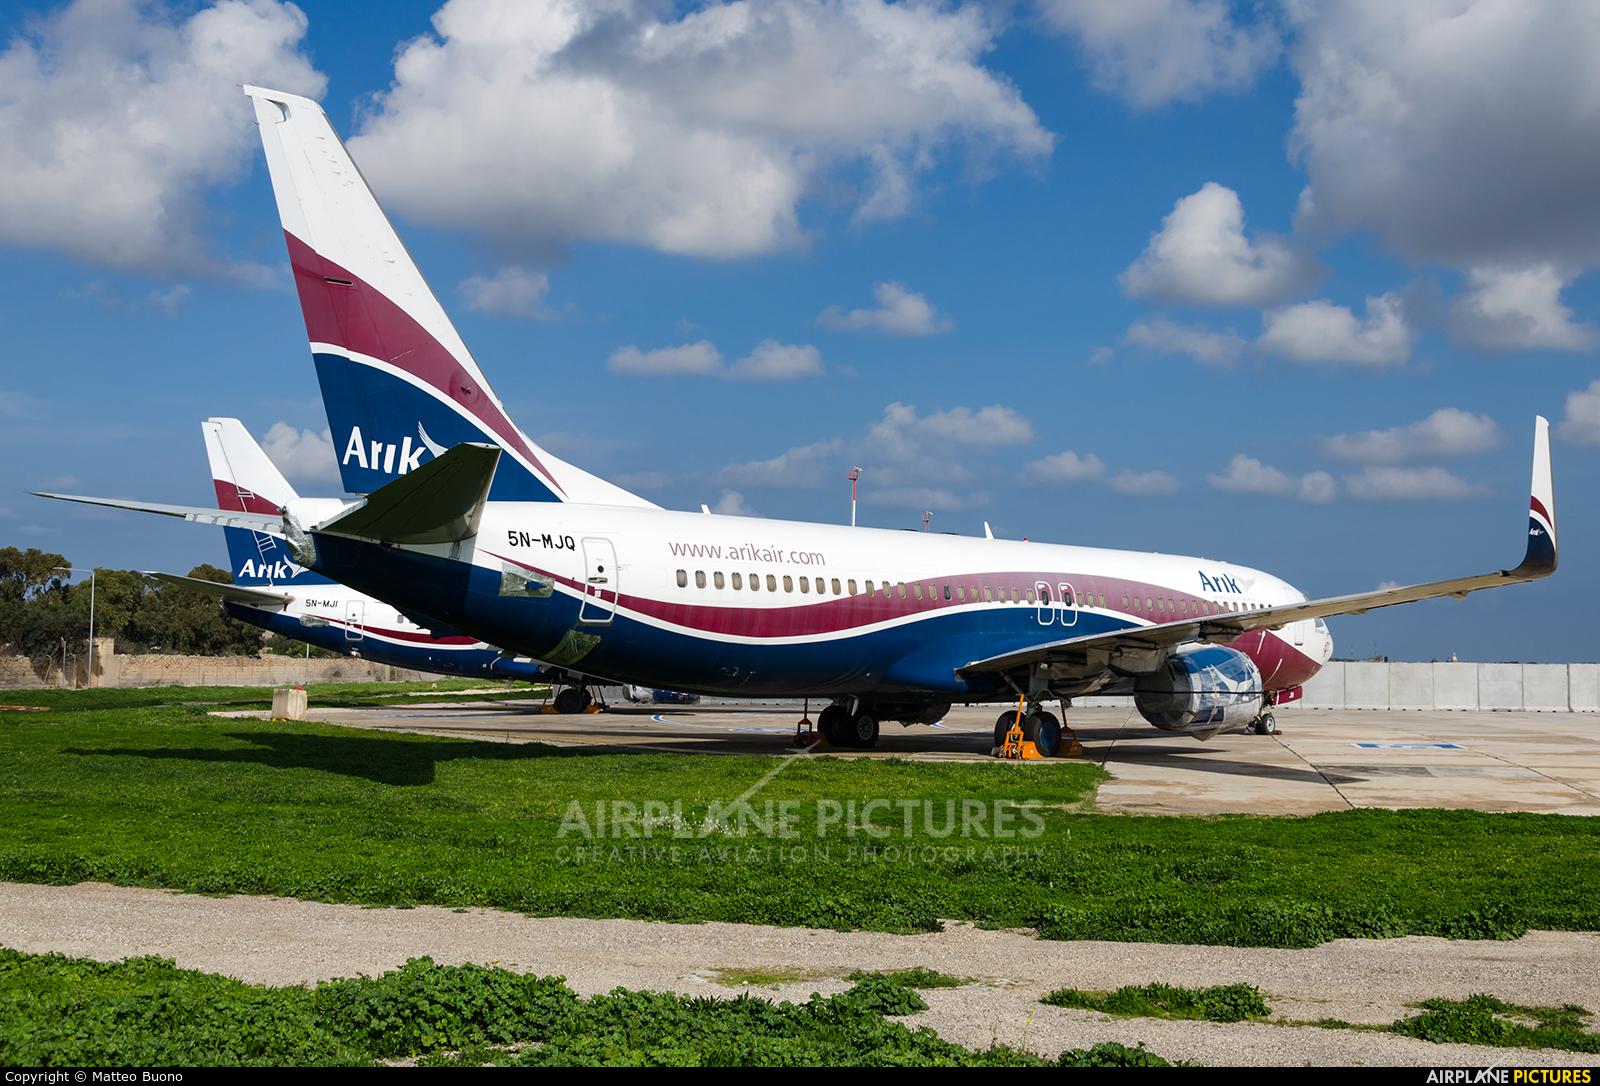 Arik Air 5N-MJQ aircraft at Malta Intl